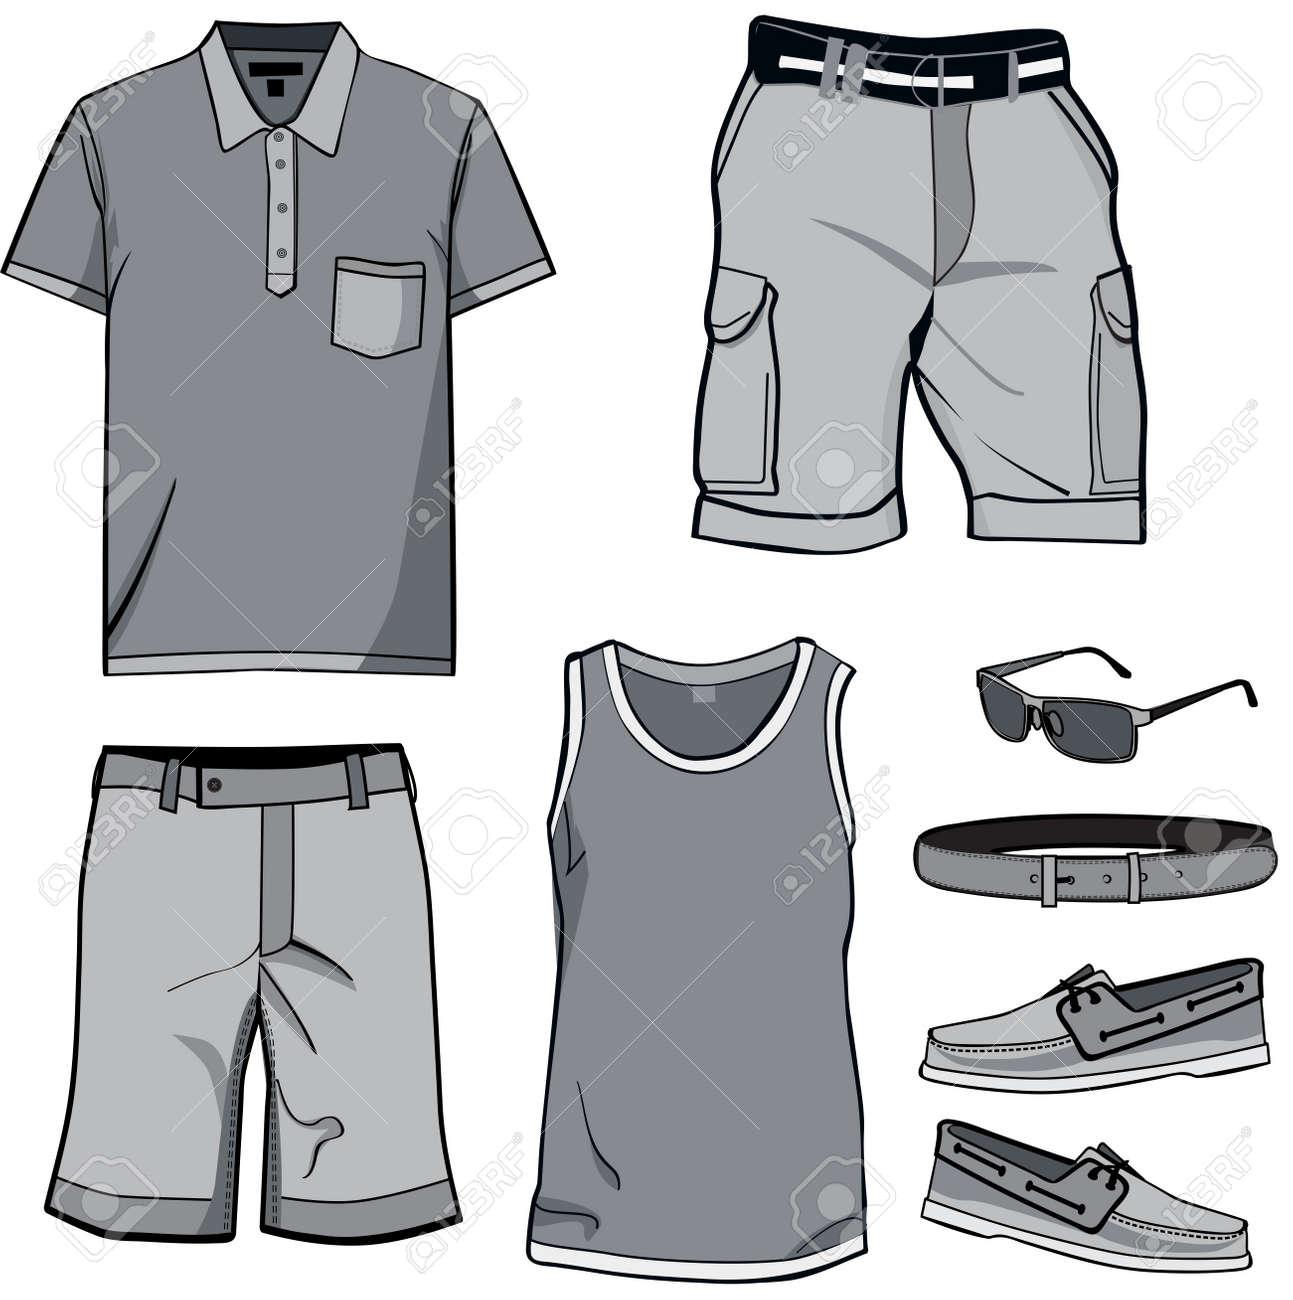 Dessin polo vetement - Les V Tements Pour Hommes Et Accessoires D T T Shirt Polo